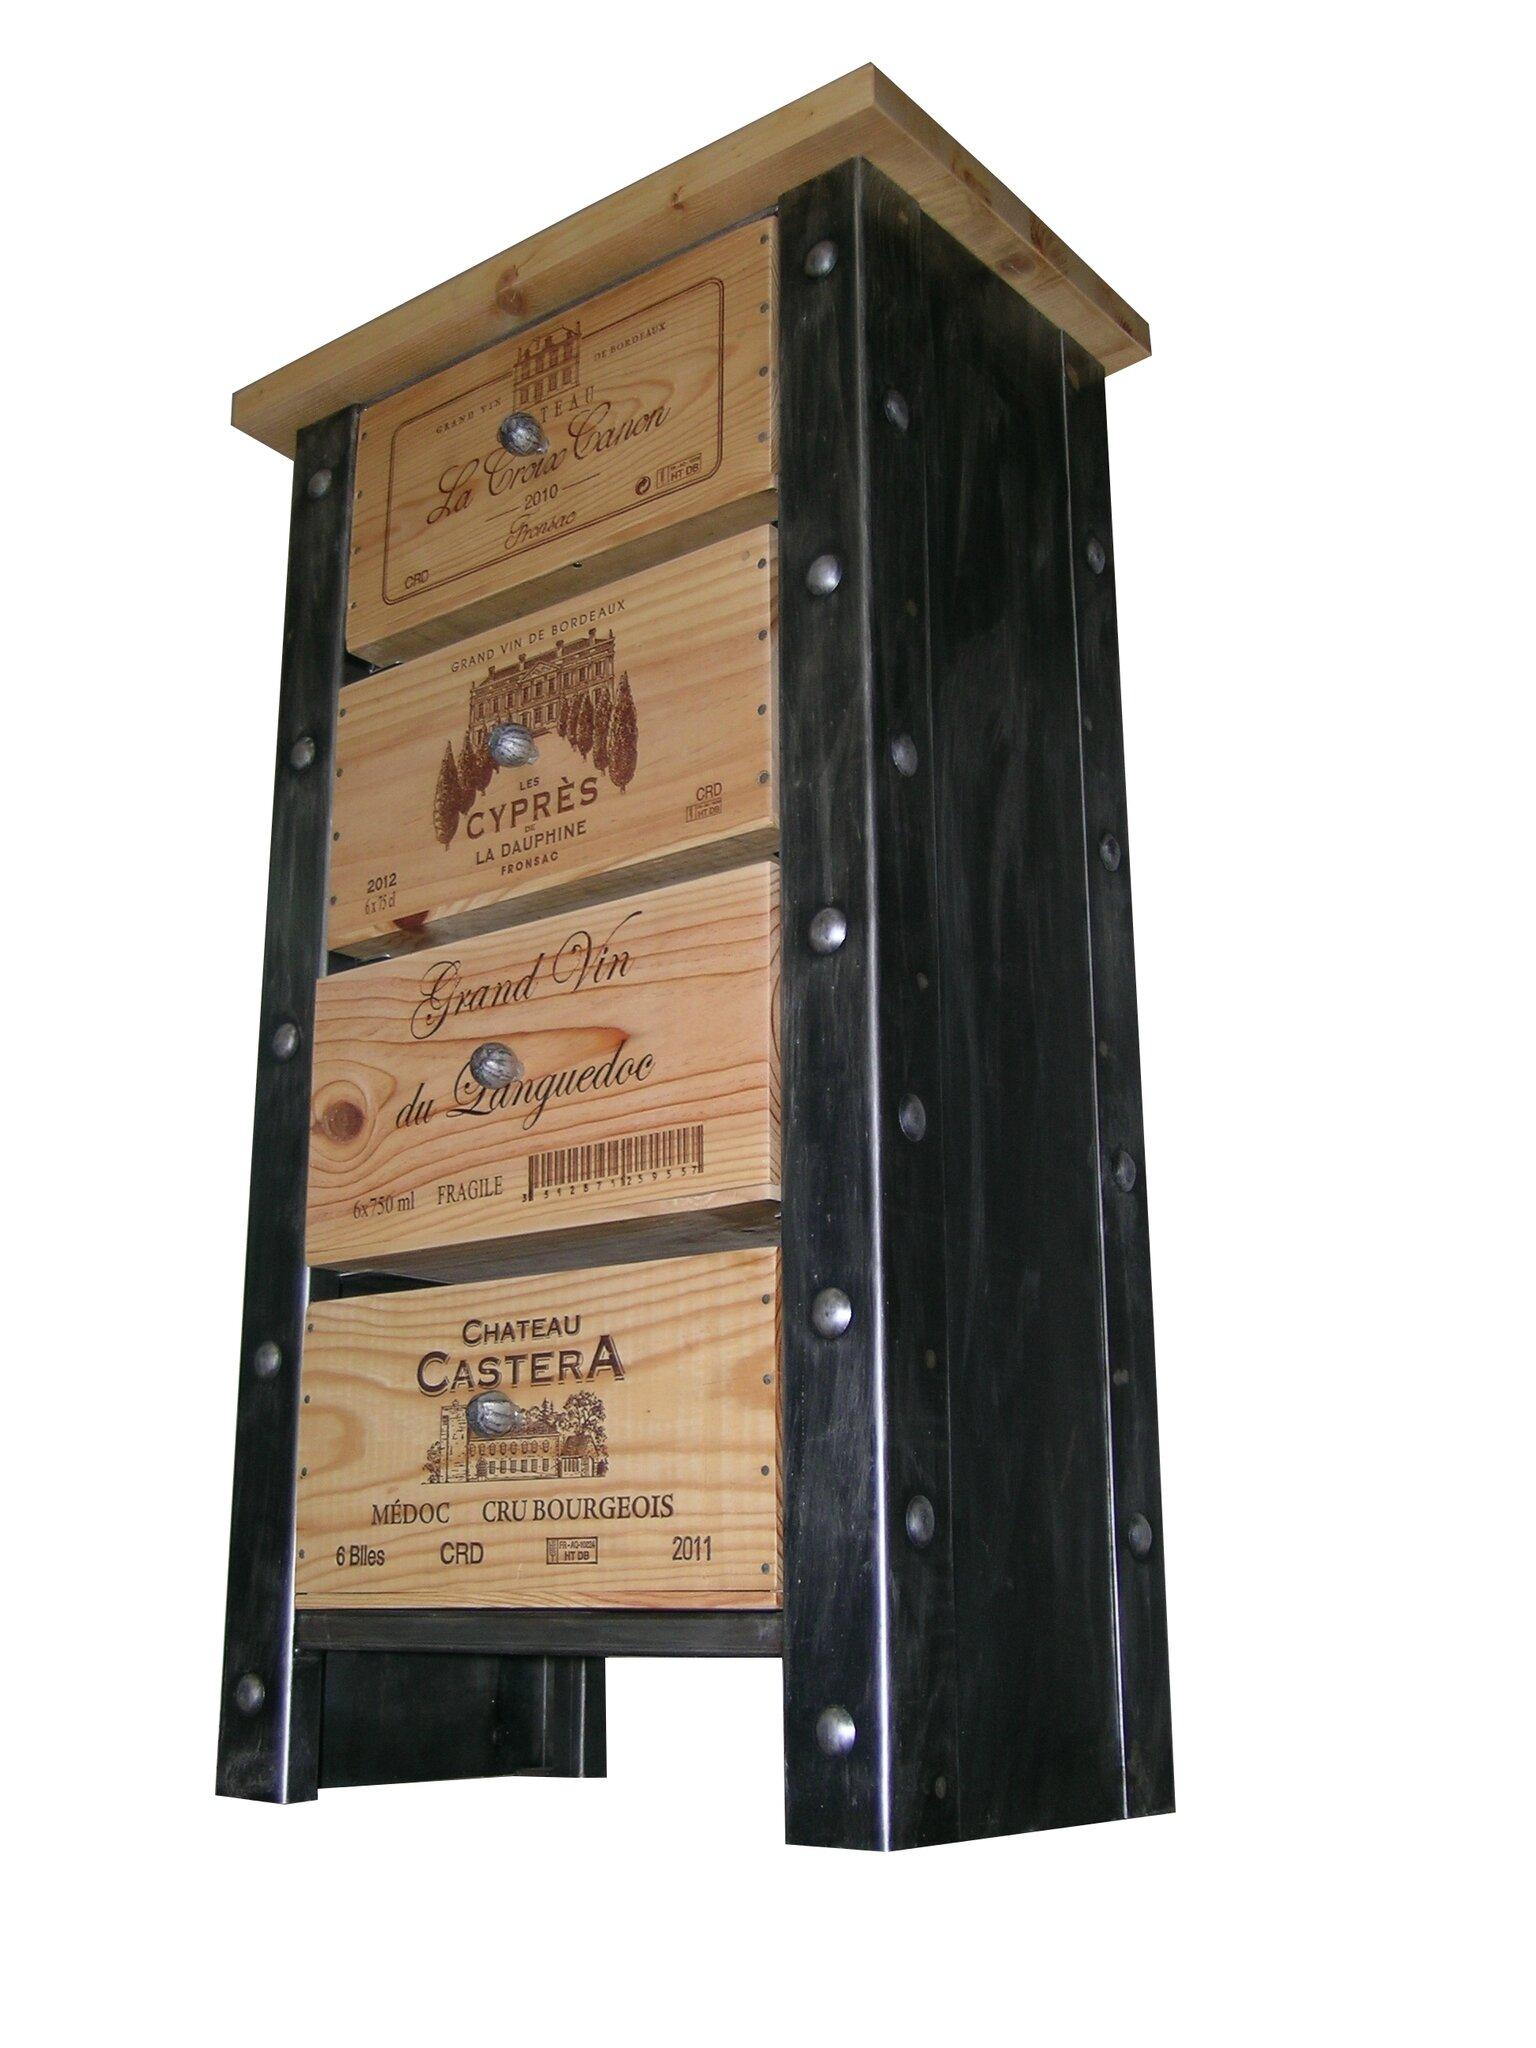 Meuble Caisses De Vins Stockages Bouteilles De Vins